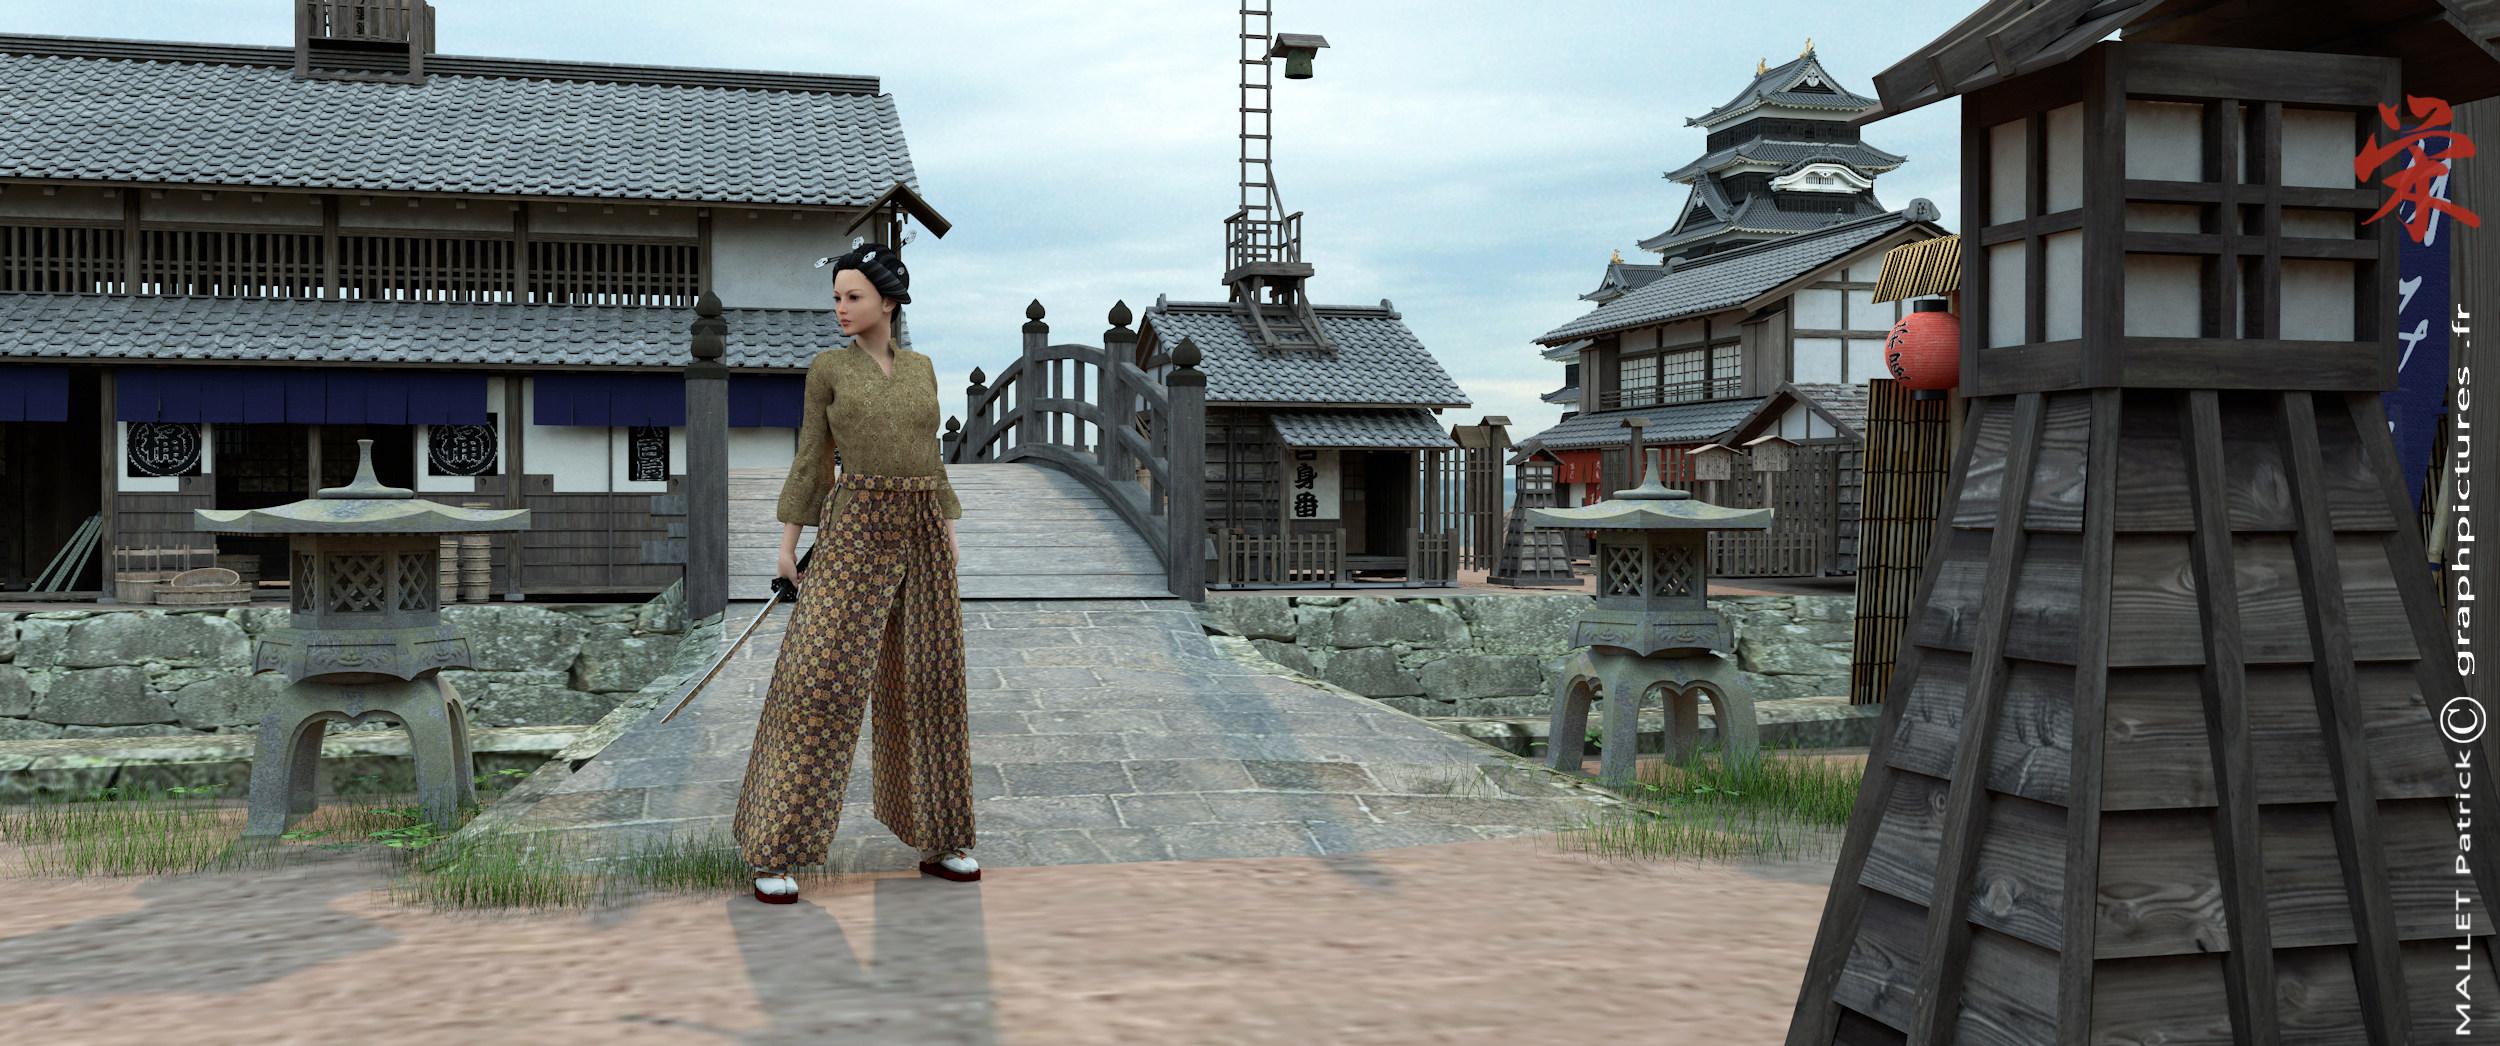 ma vision du  japon - Page 2 Villag15